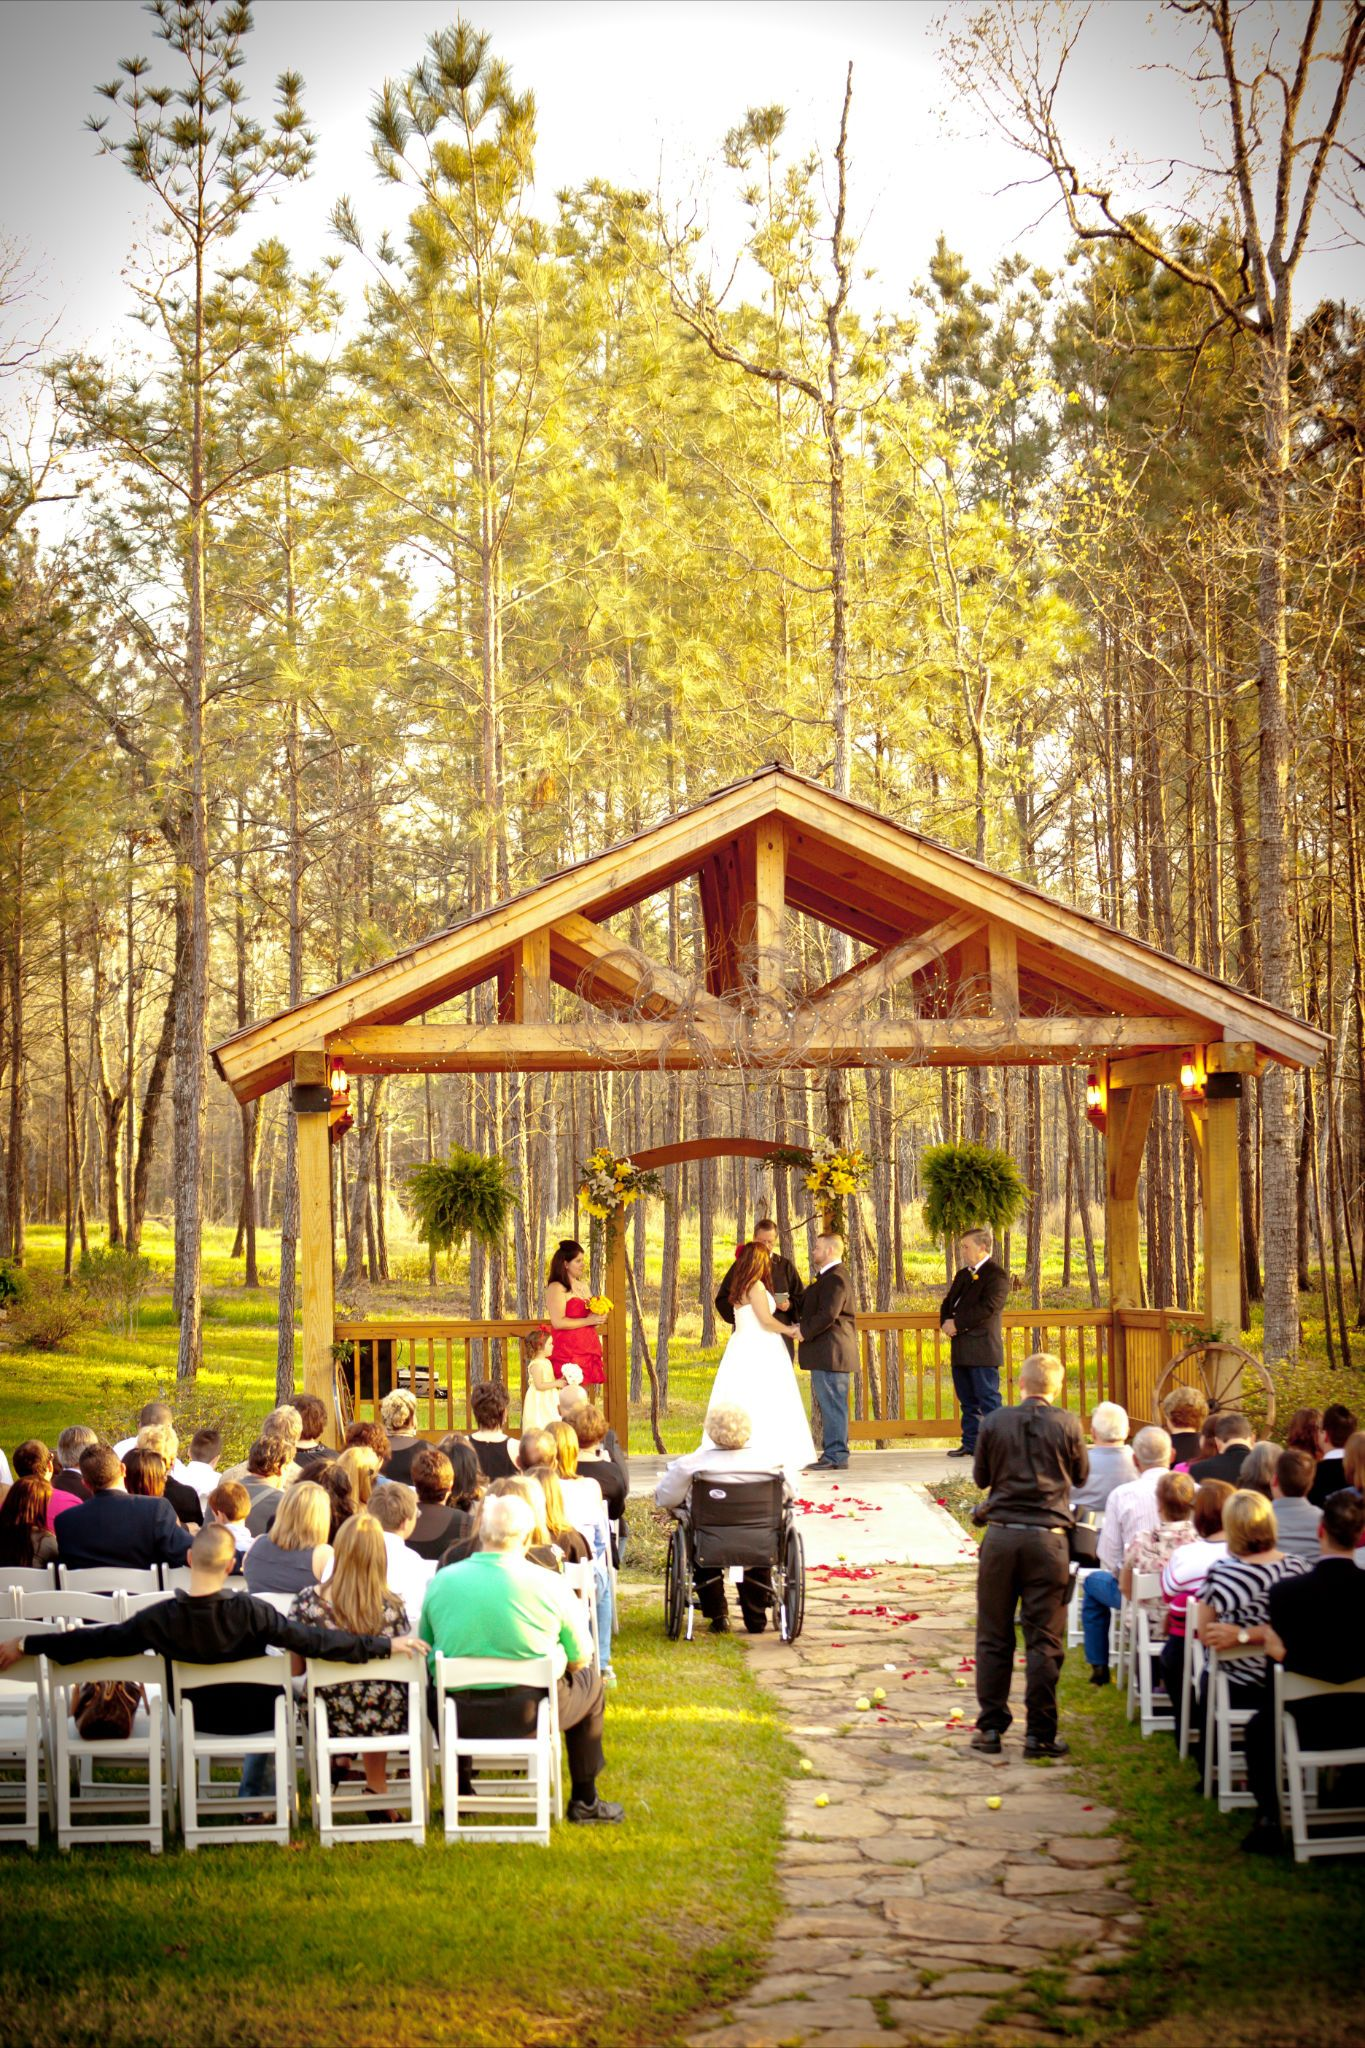 Wedding Venue Locations in Texas and Oklahoma | Outdoor ...